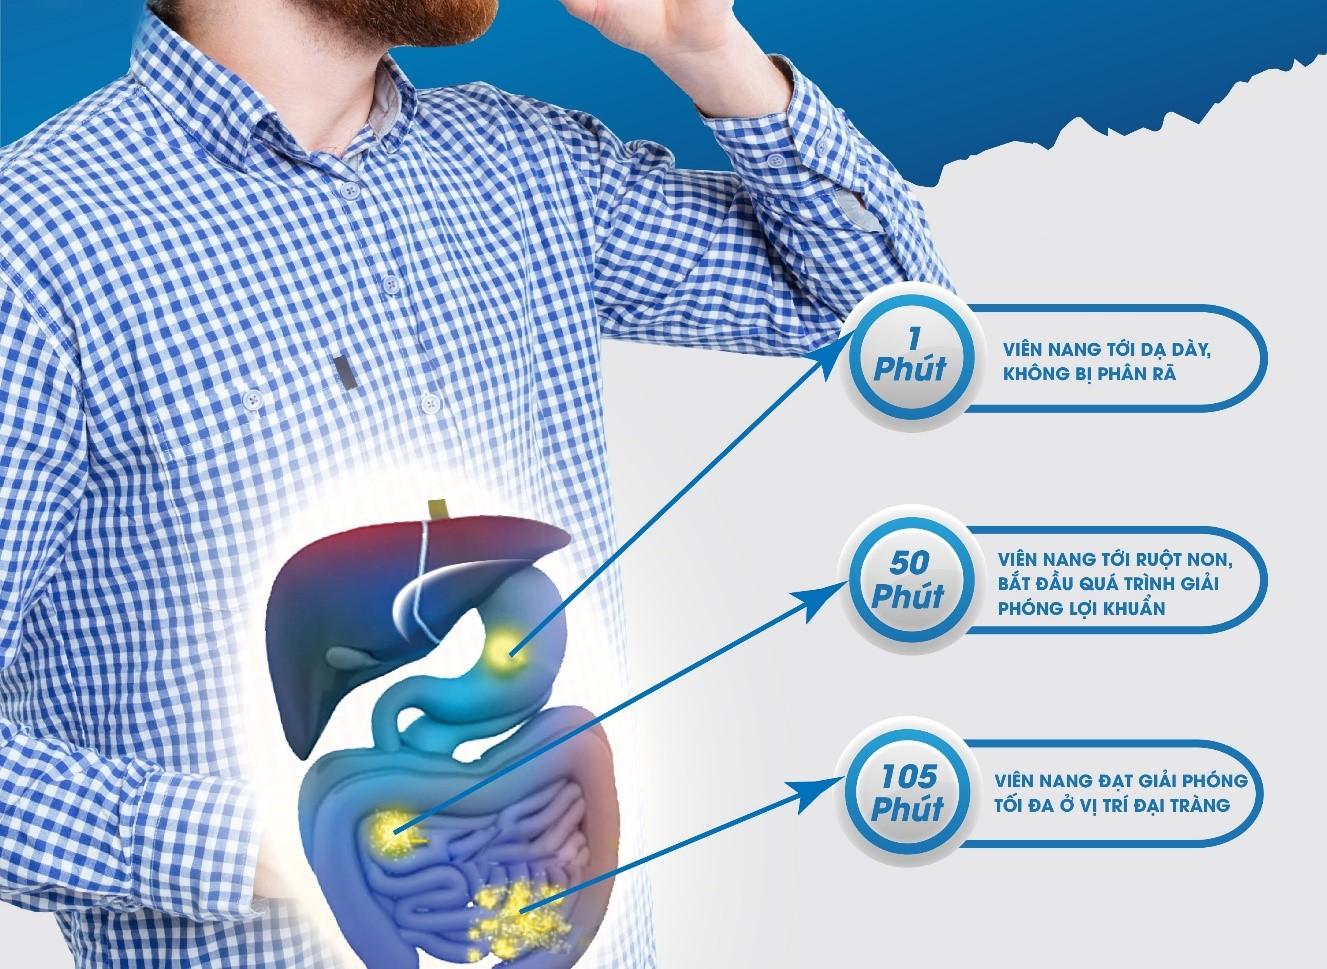 Hình ảnh mô tả quá trình hoạt động của viên nang Bifiso UK sau một phút, 50 phút, 105 phút.